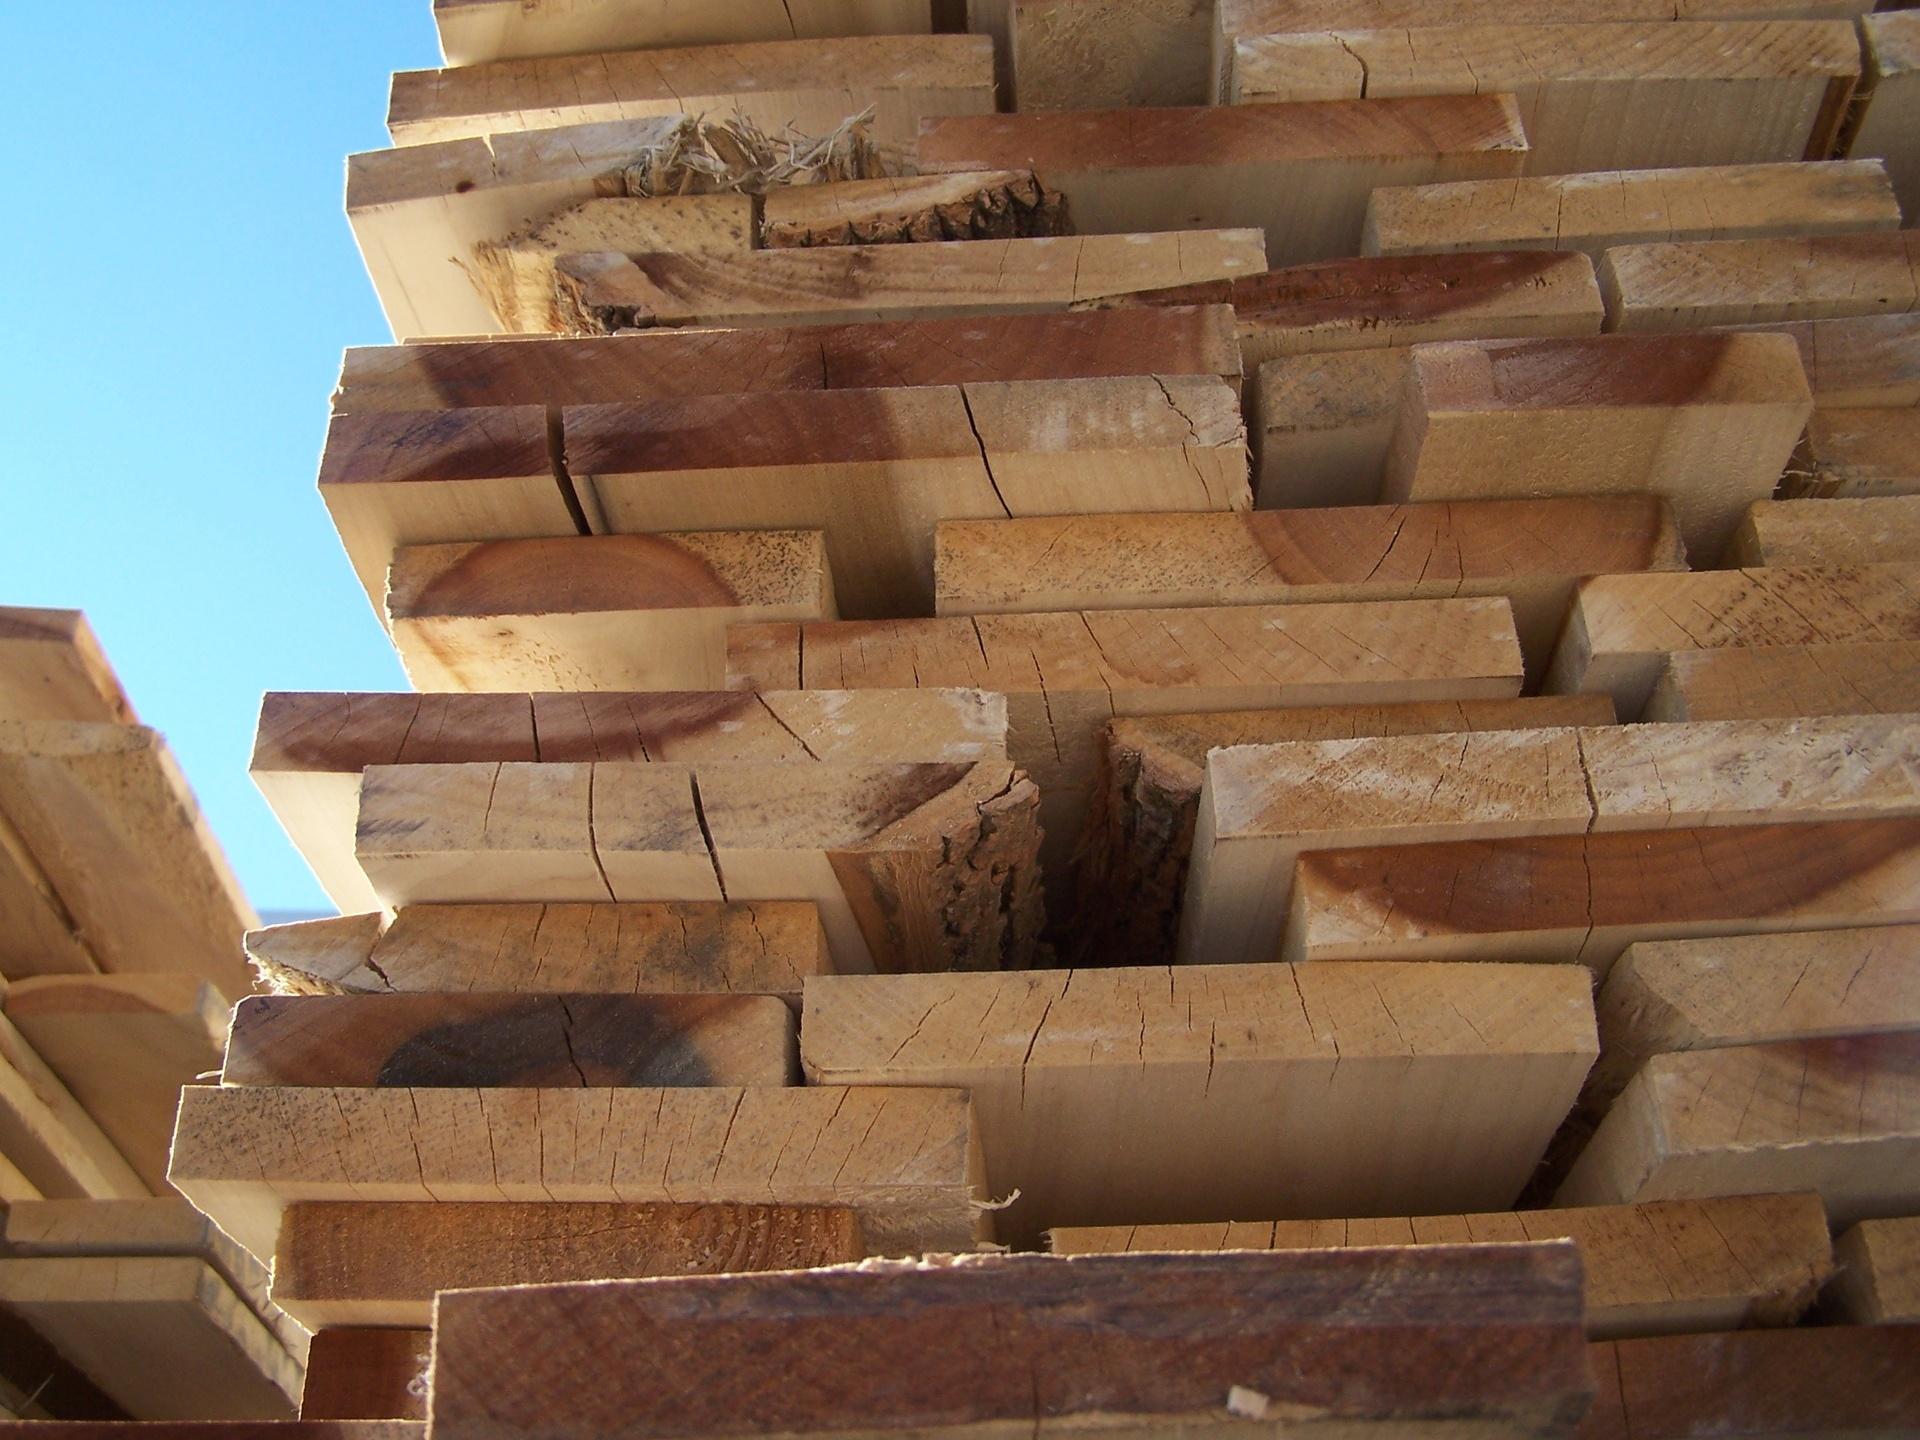 lumber-1529698-1920x1440.jpg